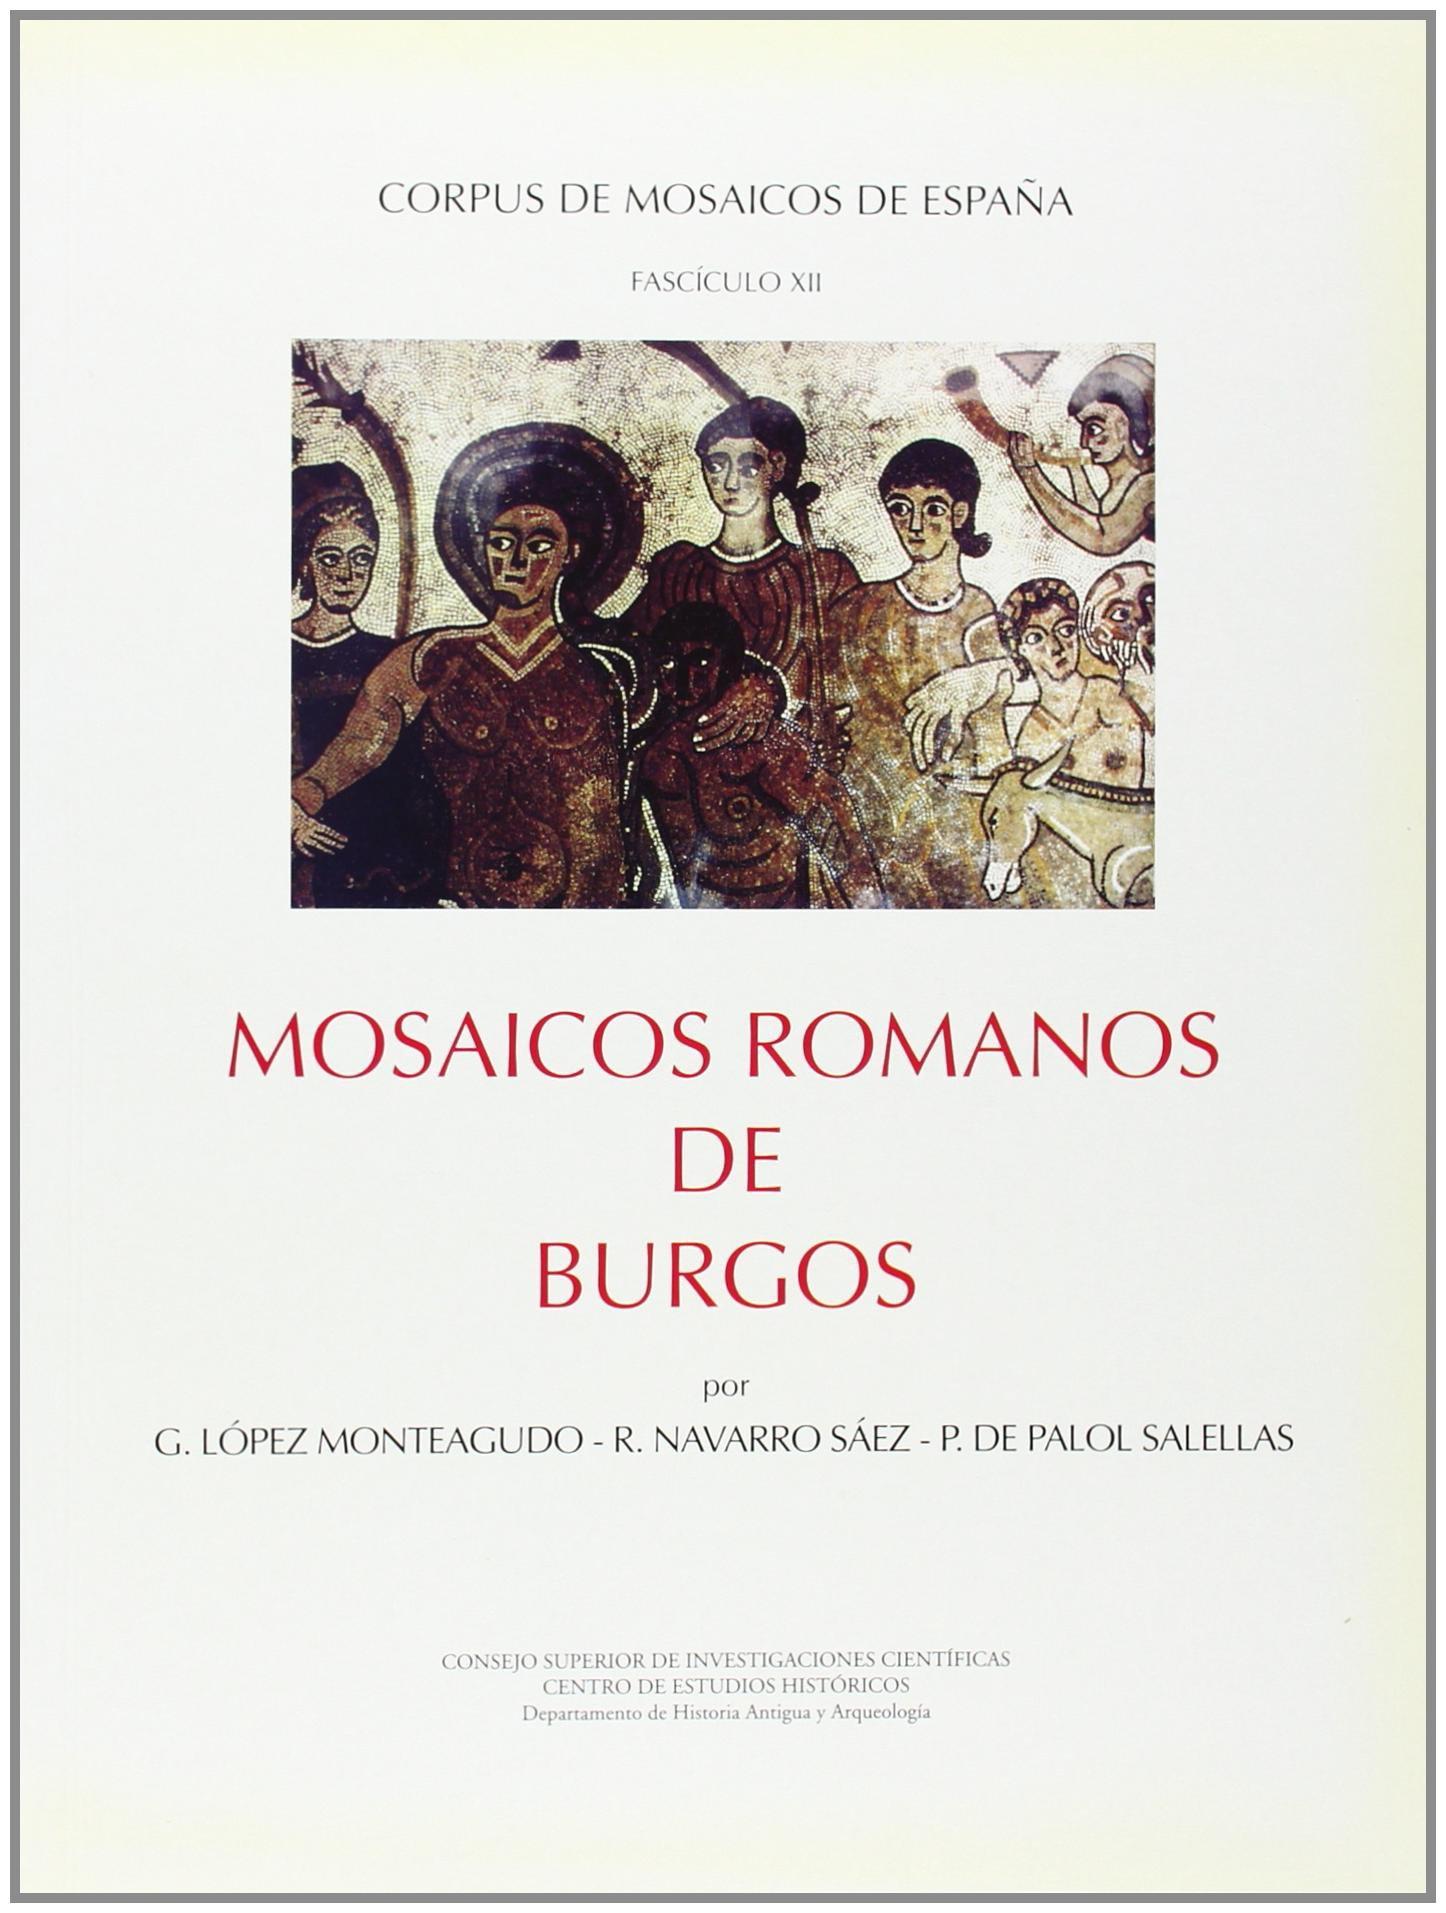 Mosaicos romanos de Burgos Corpus de Mosaicos Romanos de España: Amazon.es: López Monteagudo, Guadalupe, Navarro Sáez, Rosario, Palol Salellas, Pedro de: Libros